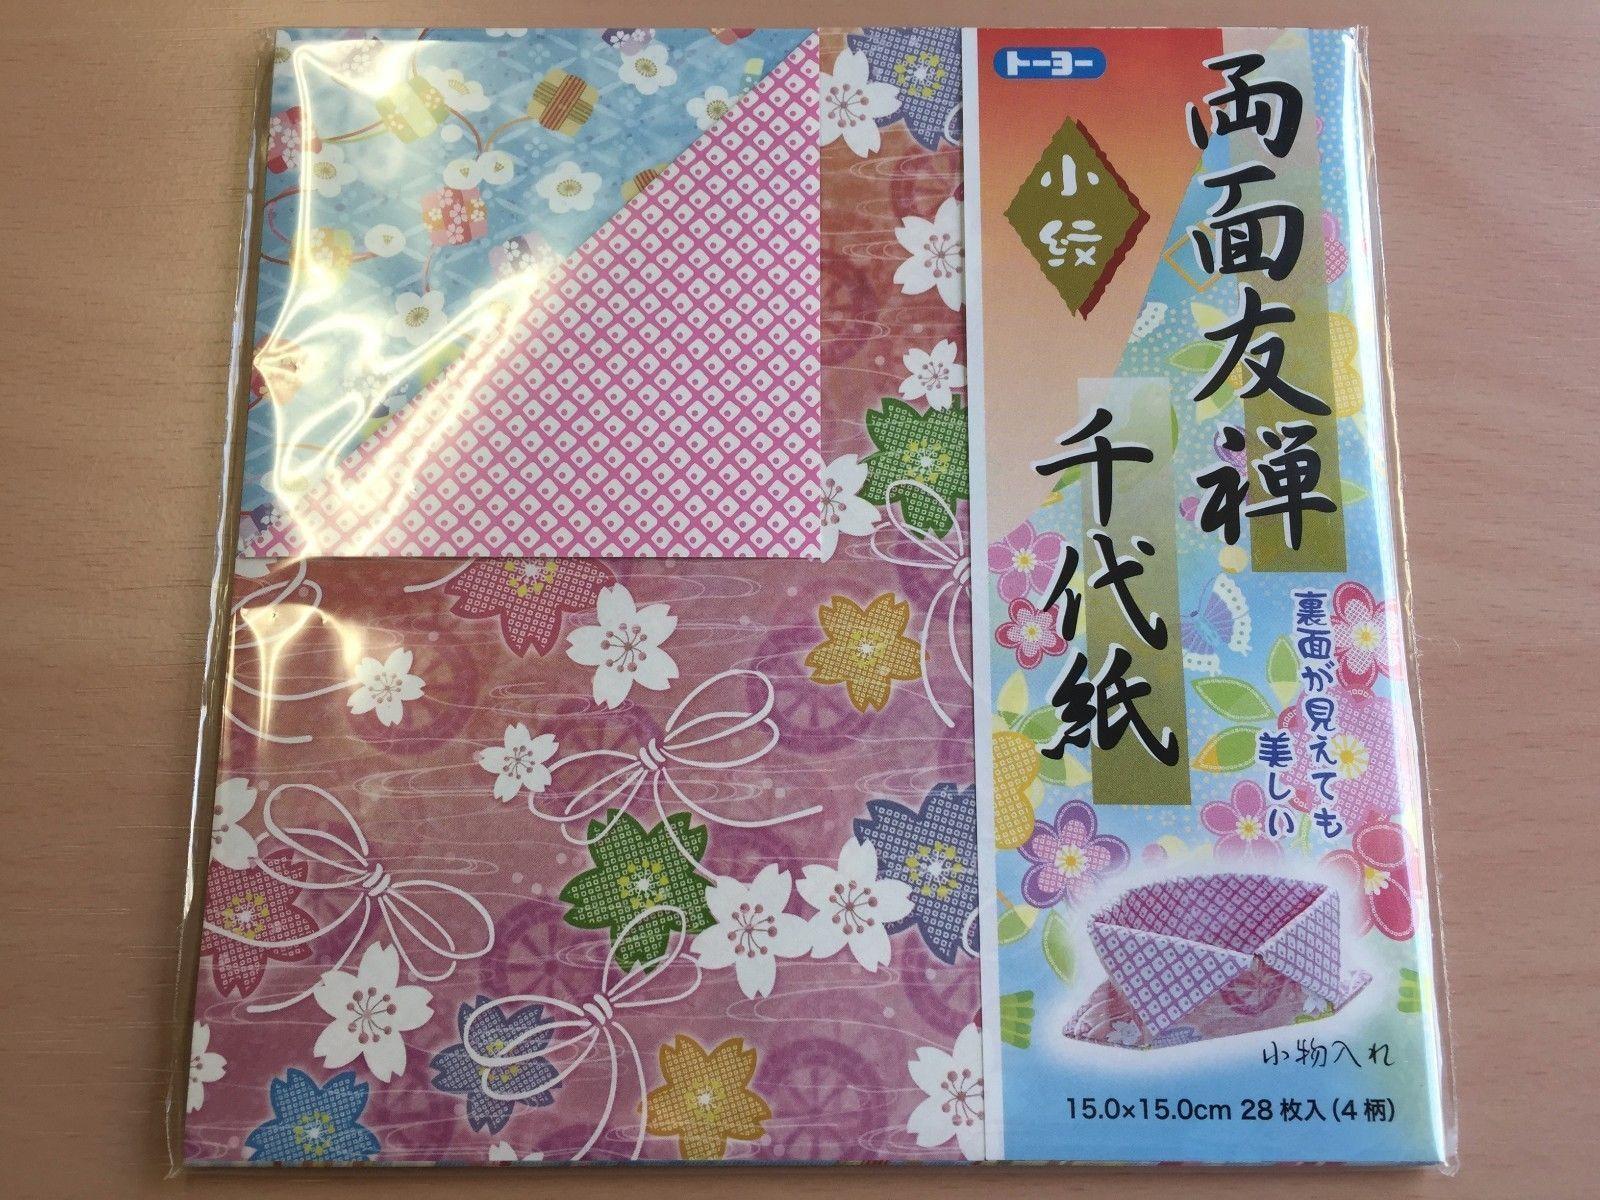 Toyo origami paper yuzen washi chiyogami style 28 sheets 4 designs toyo origami paper yuzen washi chiyogami style 28 sheets 4 designs 150 150mm jeuxipadfo Images